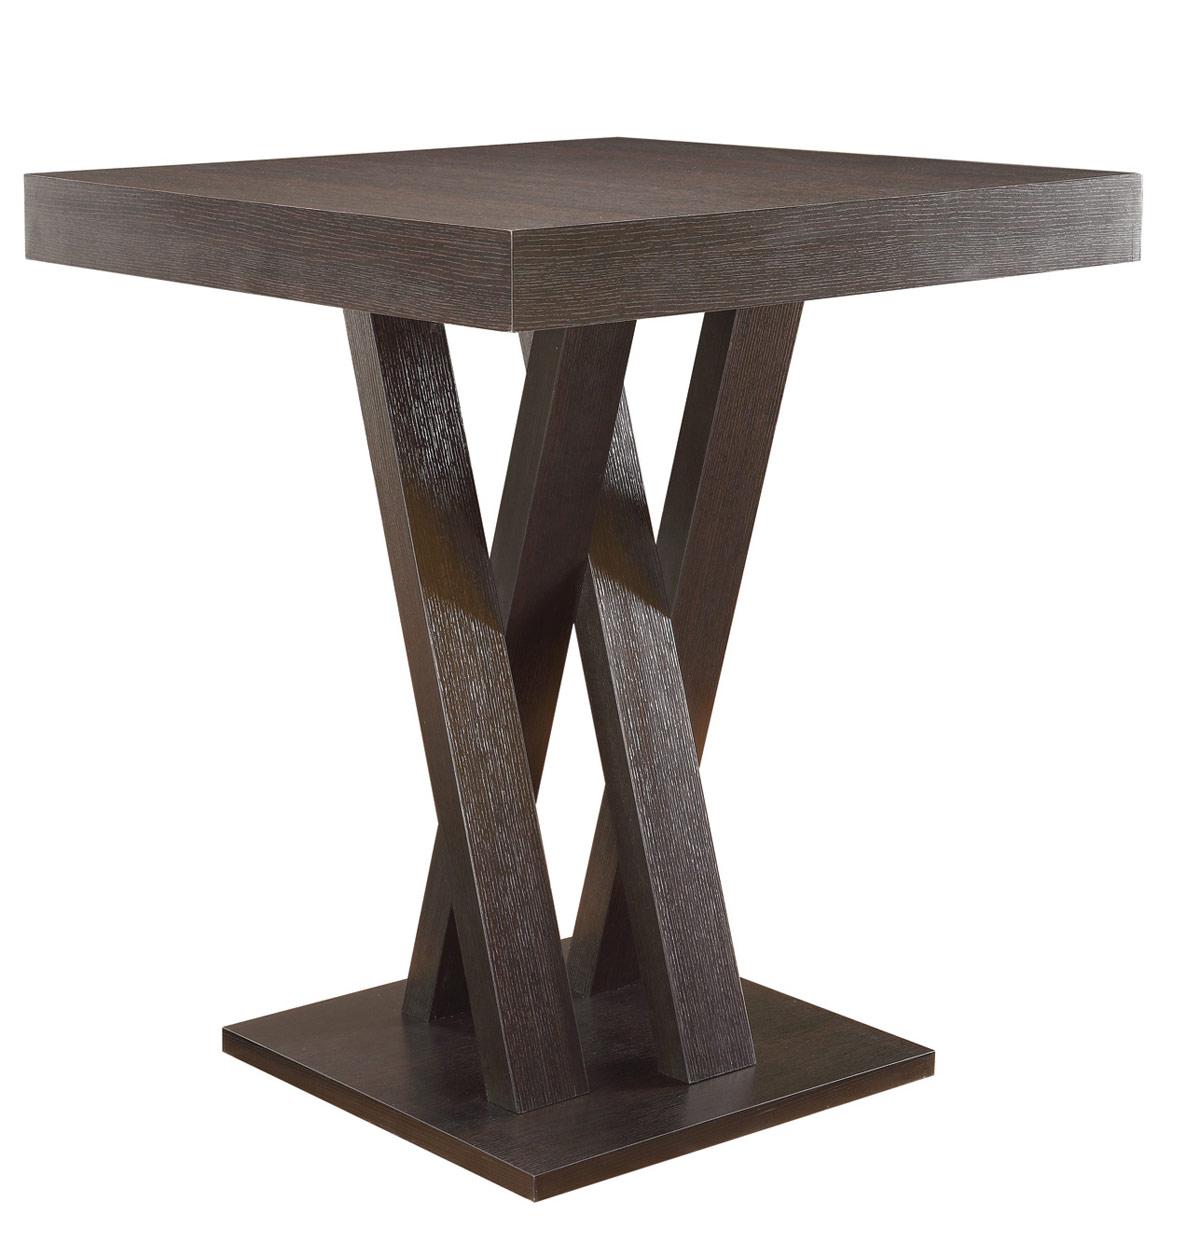 Coaster 100523 Counter Height Table - Cappuccino